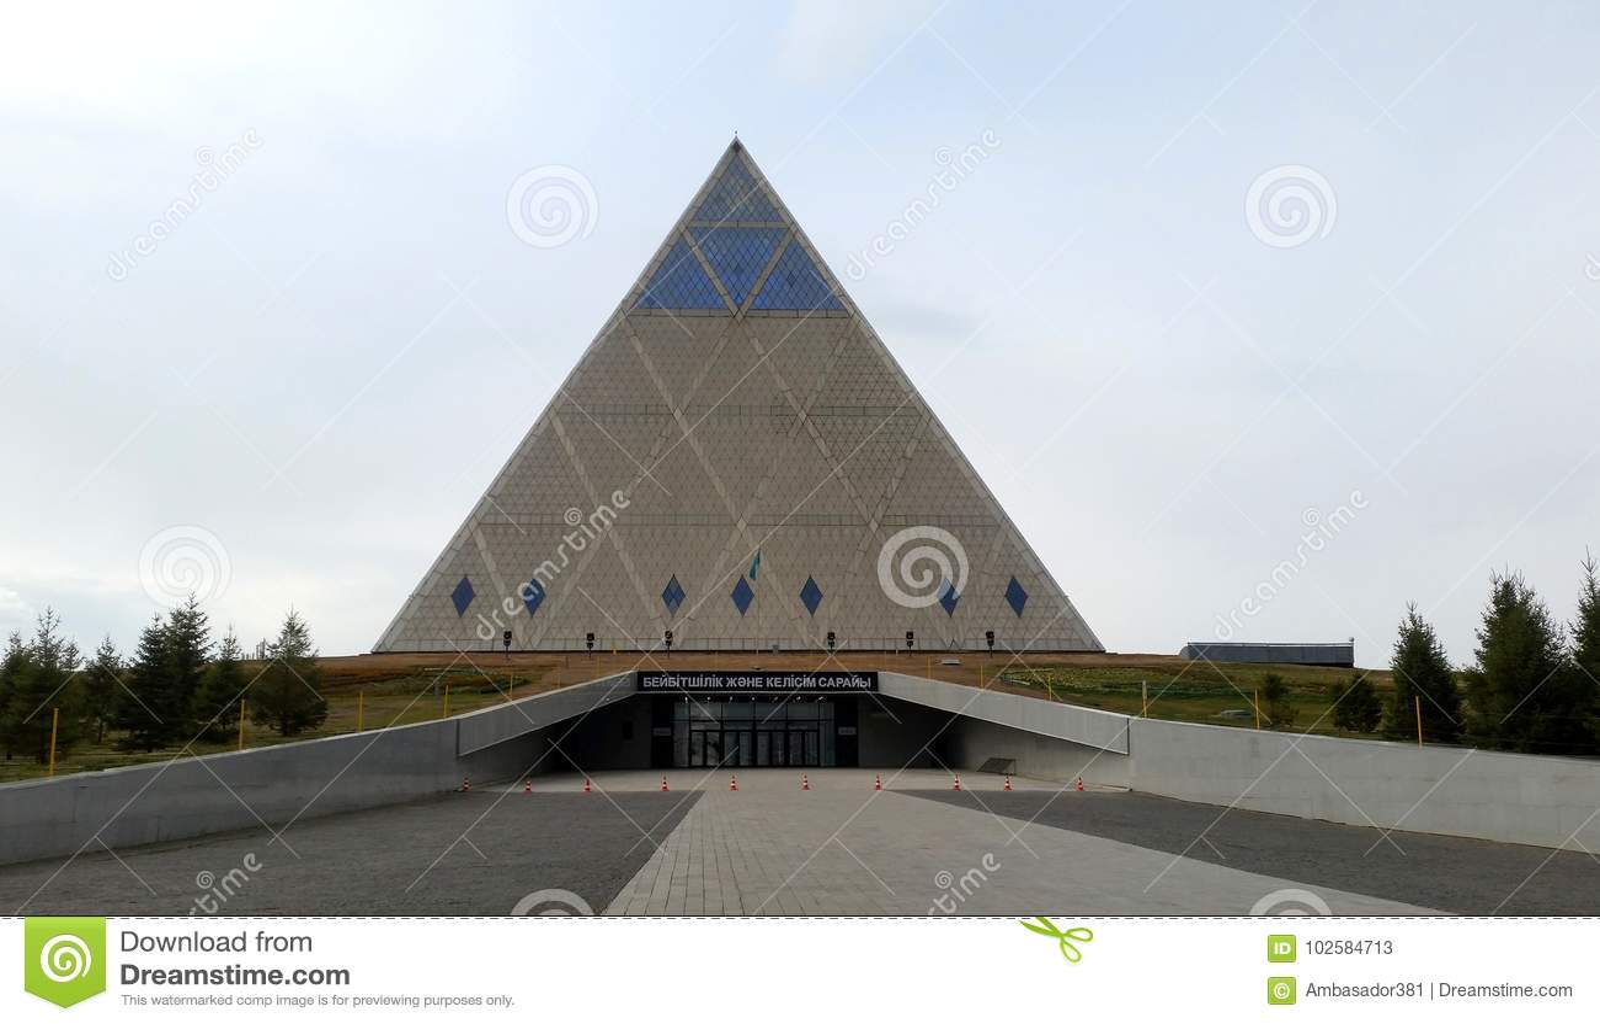 Palast des Friedens und der Versöhnung, Astana, Kasachstan